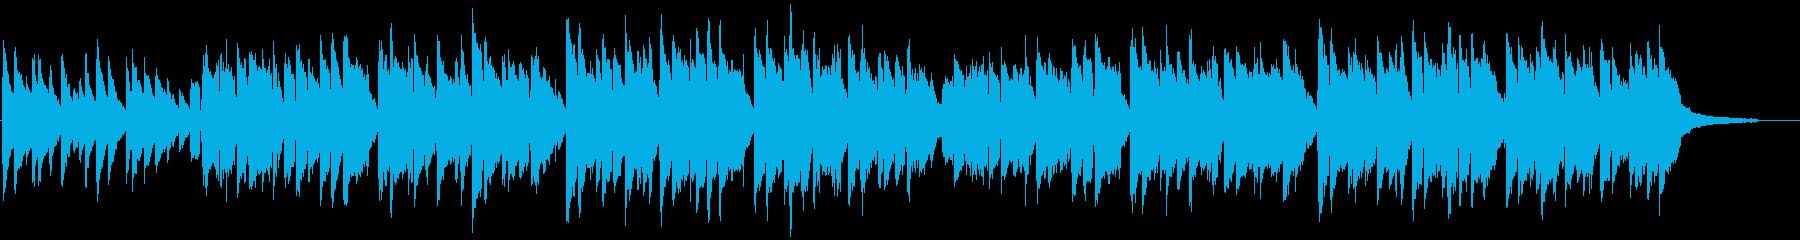 「蛍の光」 ピアノ伴奏での独唱の再生済みの波形